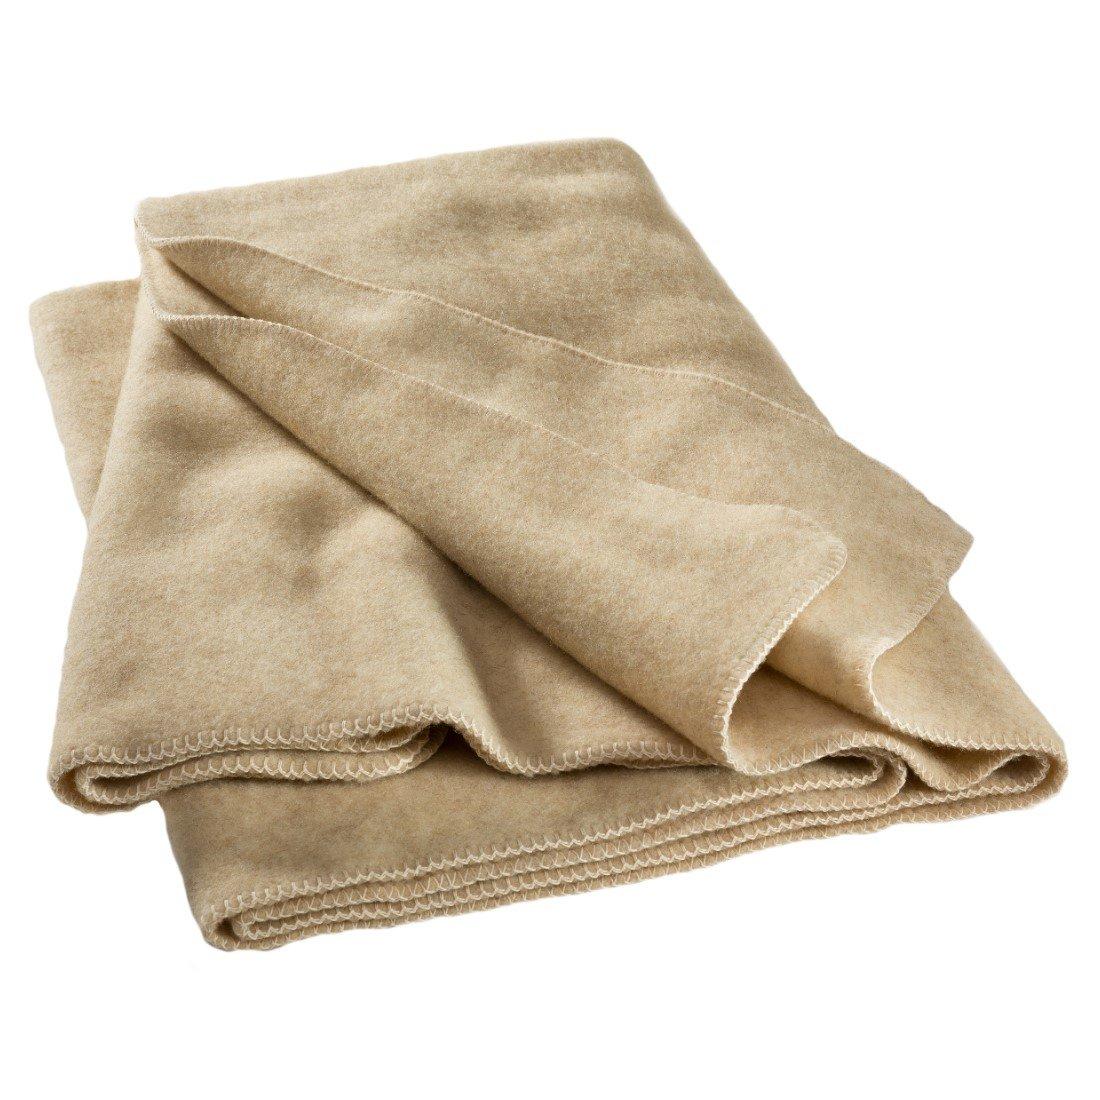 Heavy Blanket in 100% pure German wool